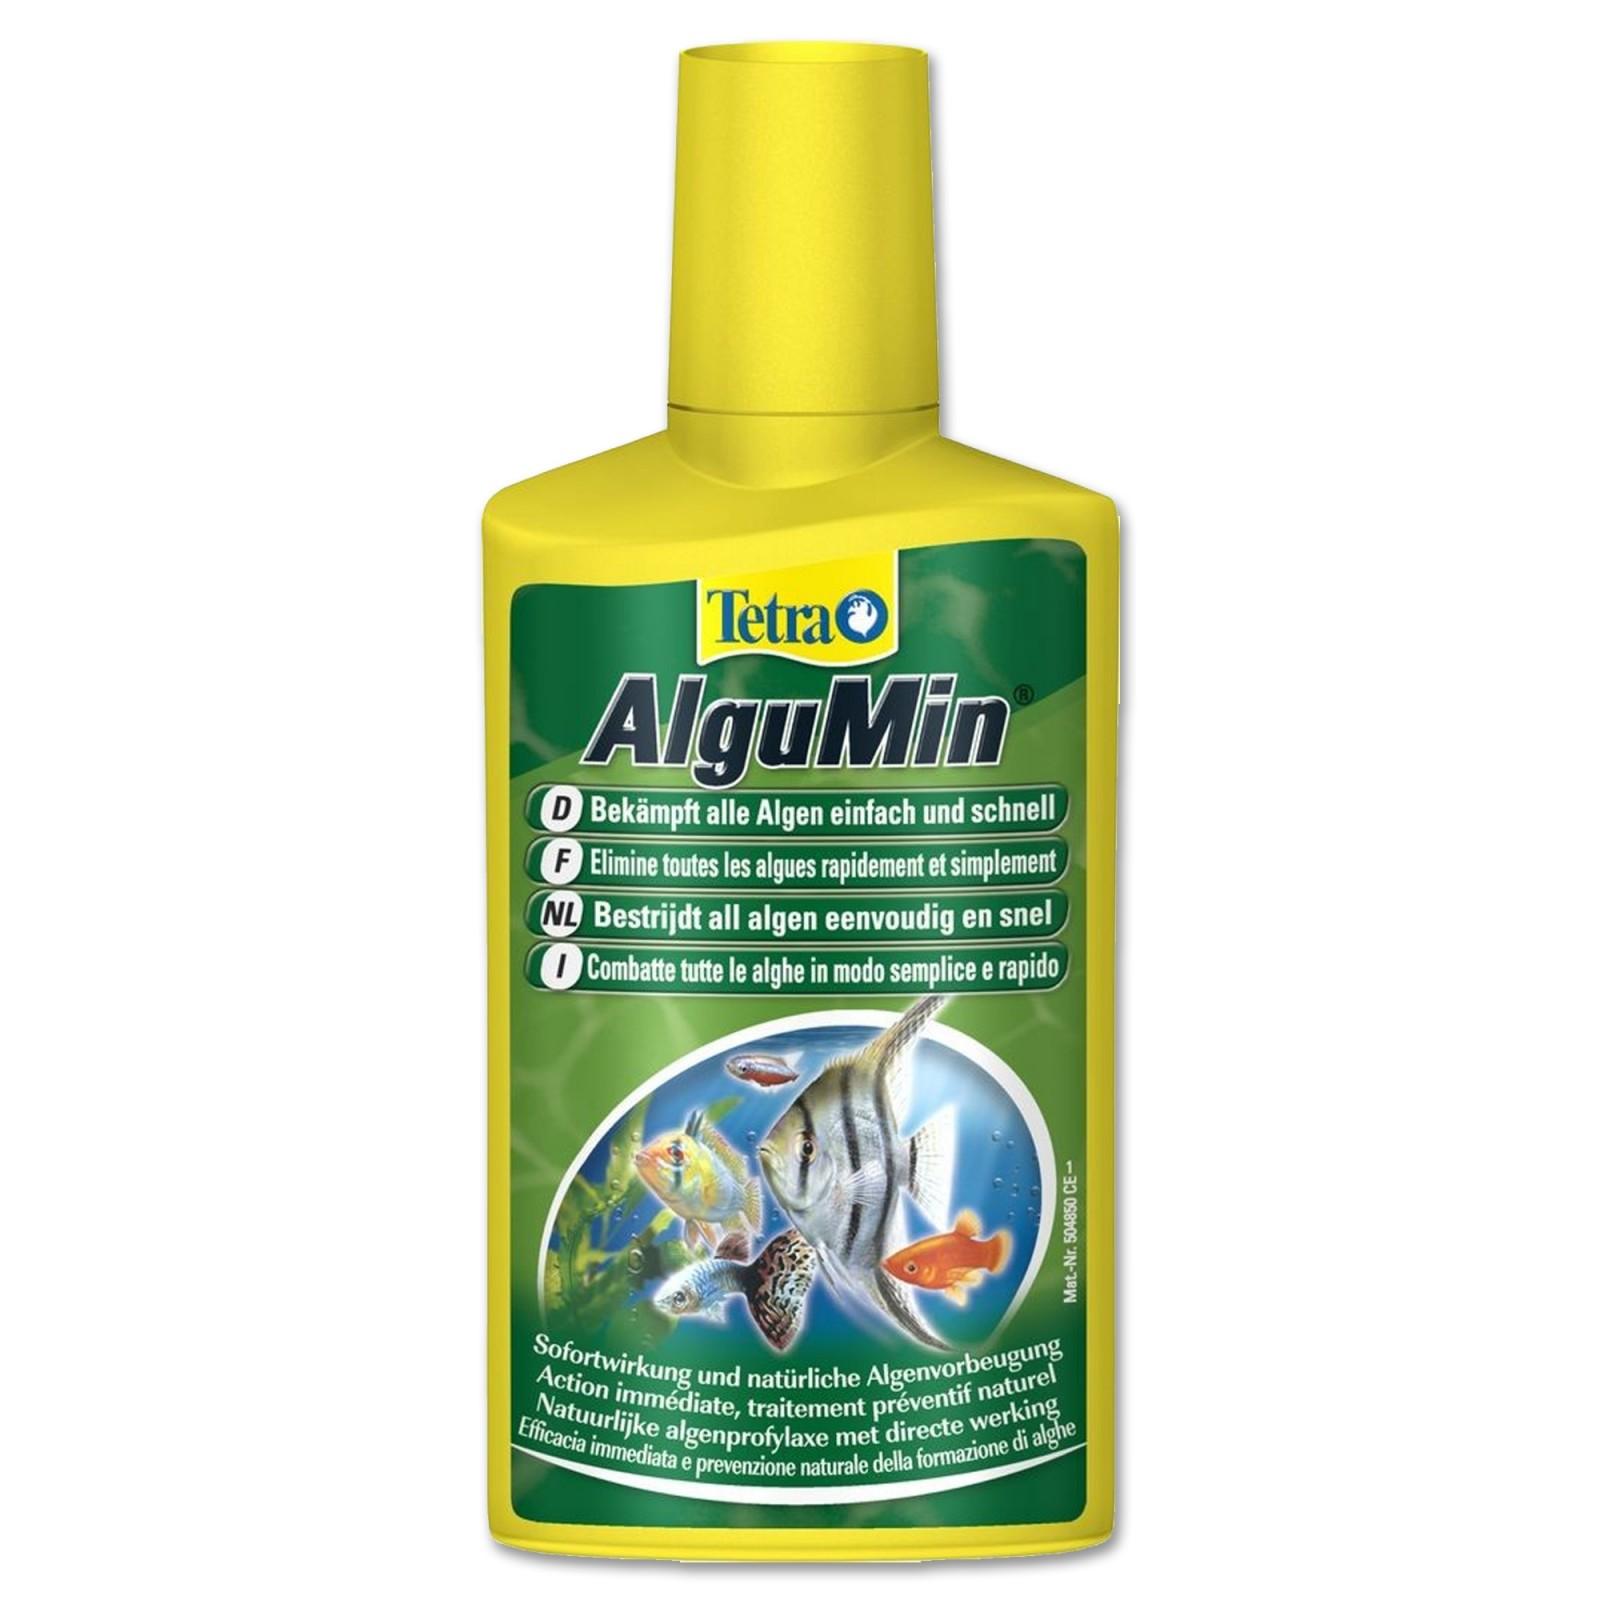 Tetra AlguMin 100 ml Trattamento antialghe biologico in acquario non crea problemi a pesci e piante